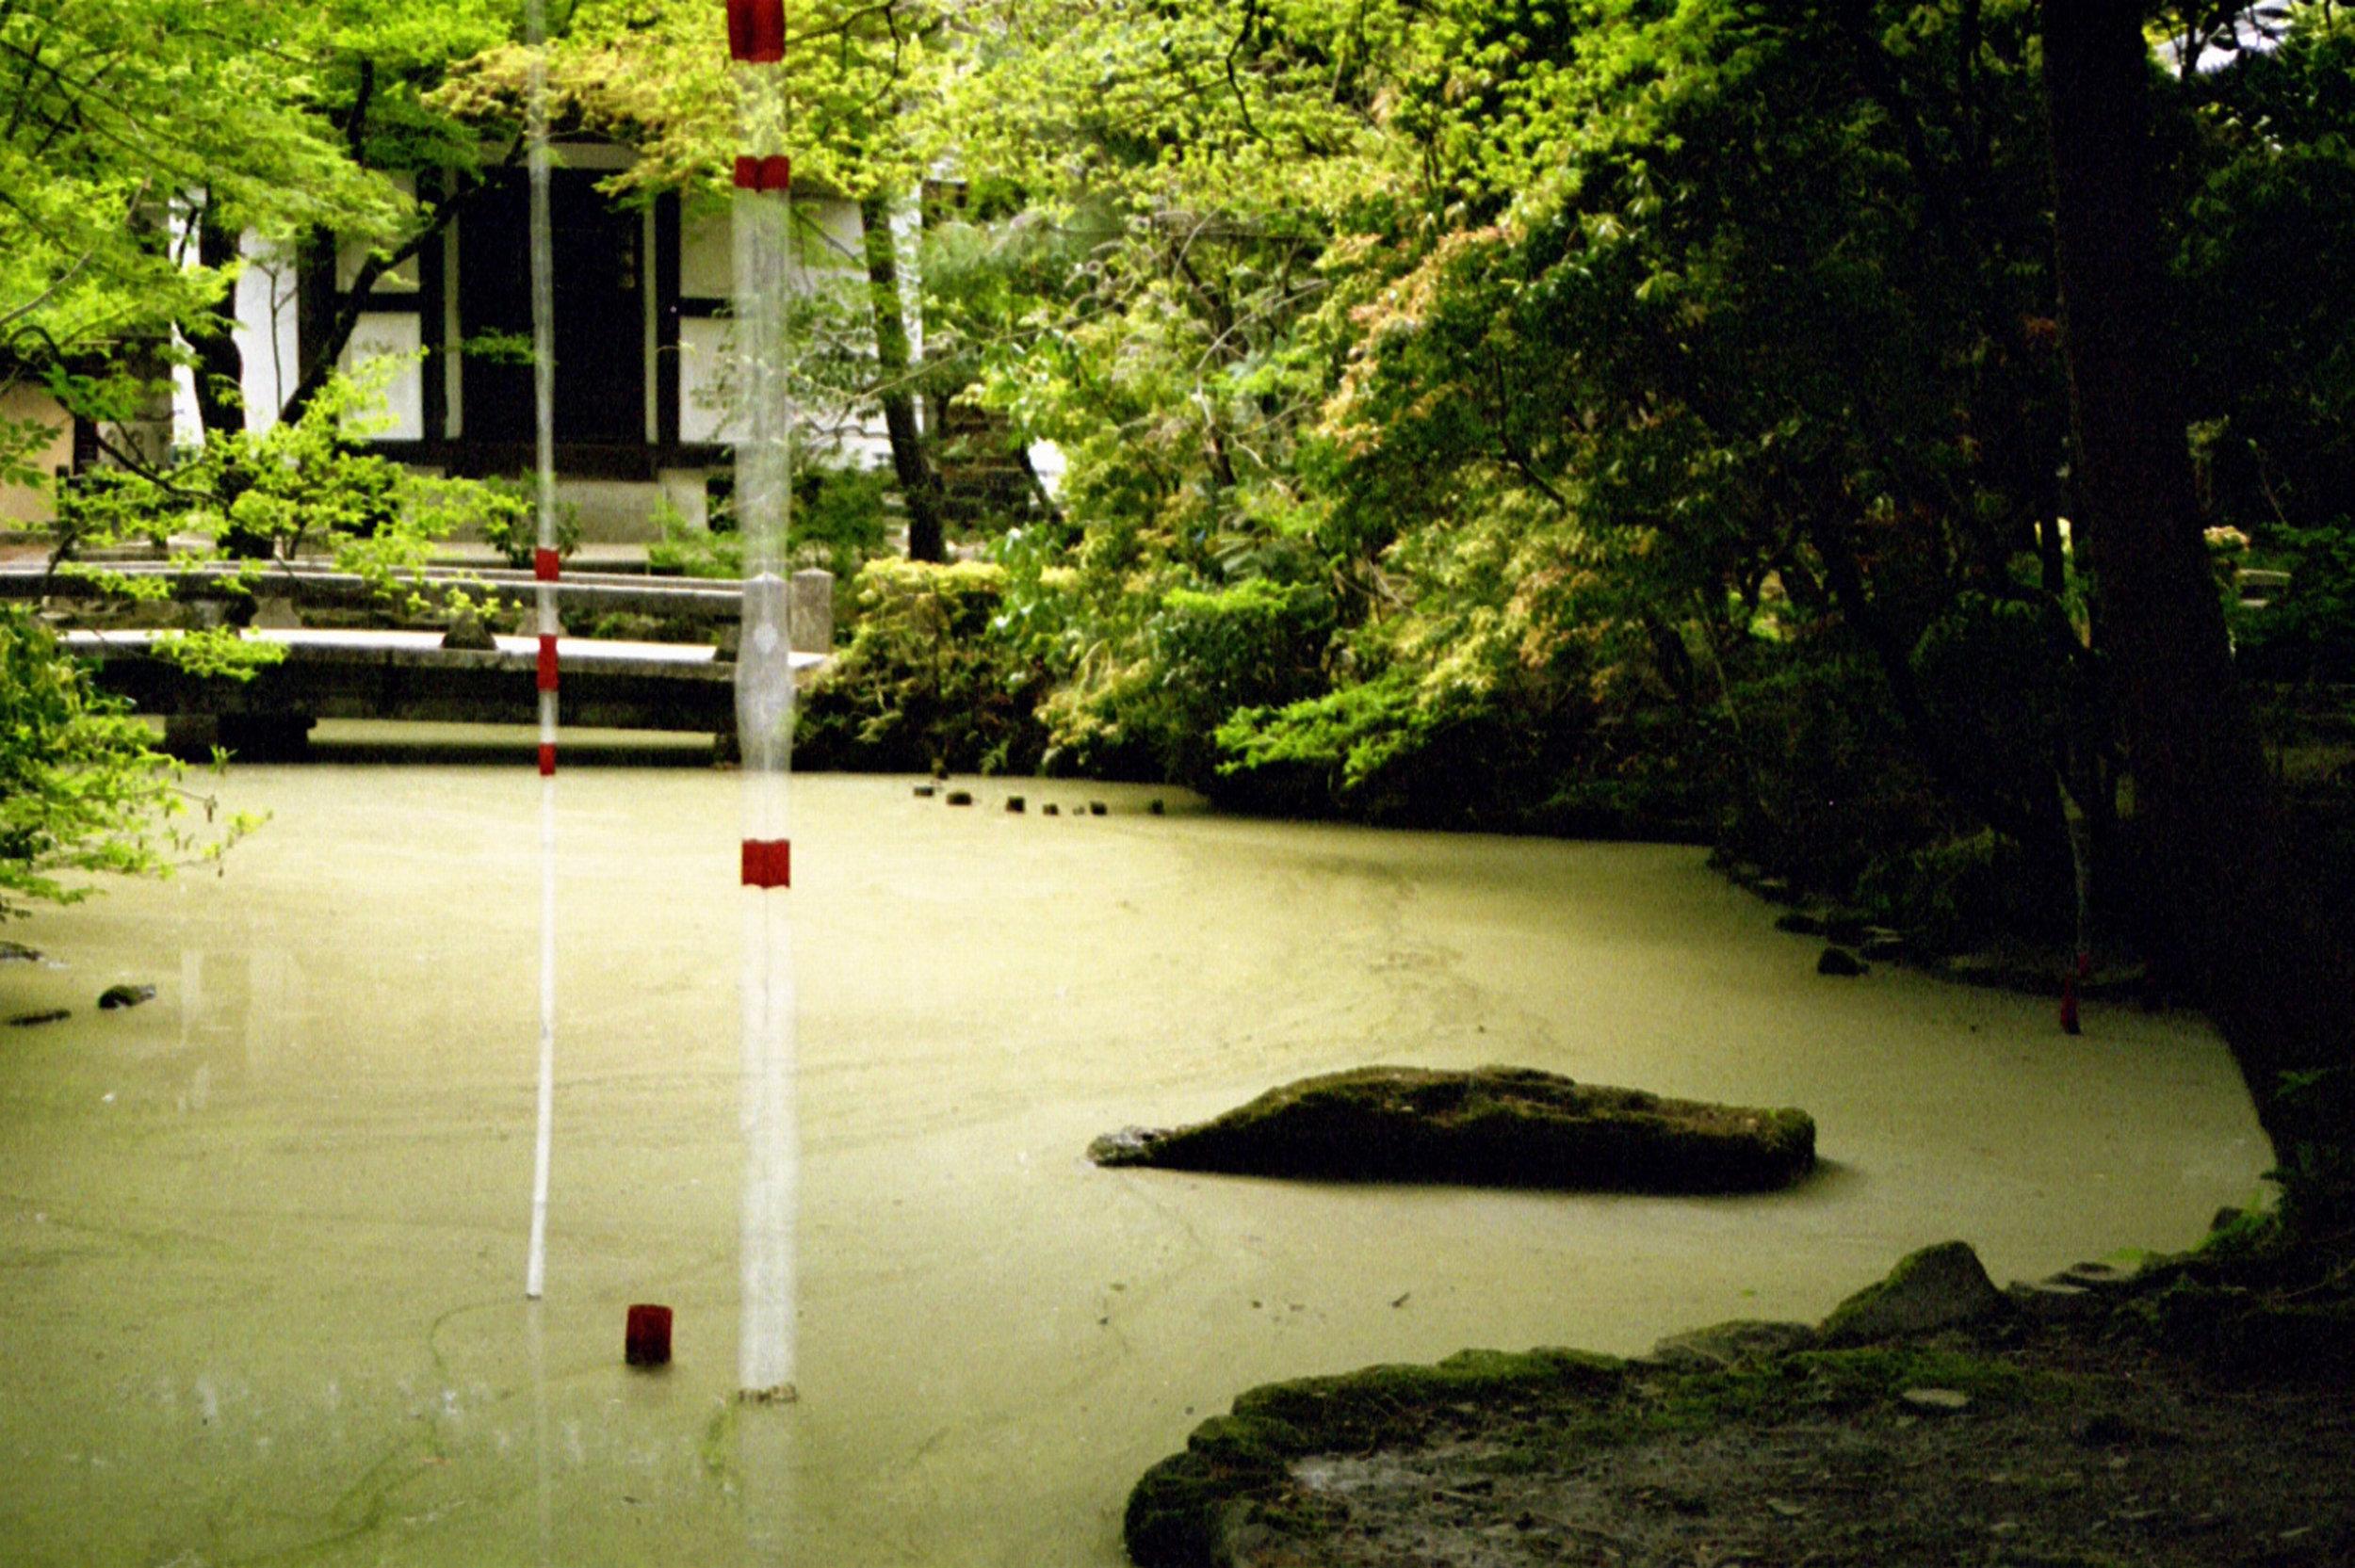 Japan_Echelman_PhotoStudioEchelman_004_8.jpg